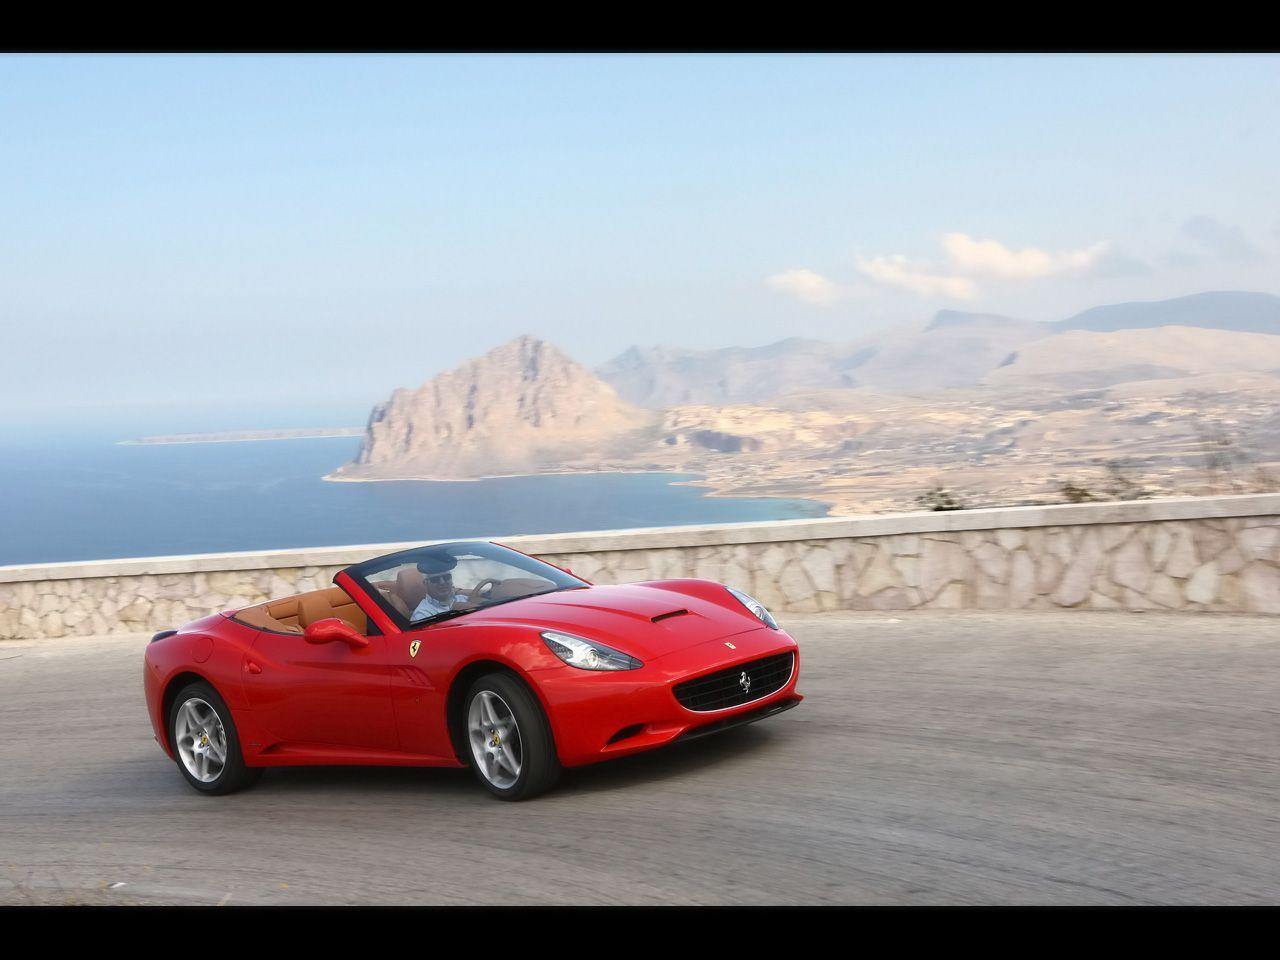 Ferrari california 100 car garage pinterest ferrari ferrari california voltagebd Gallery